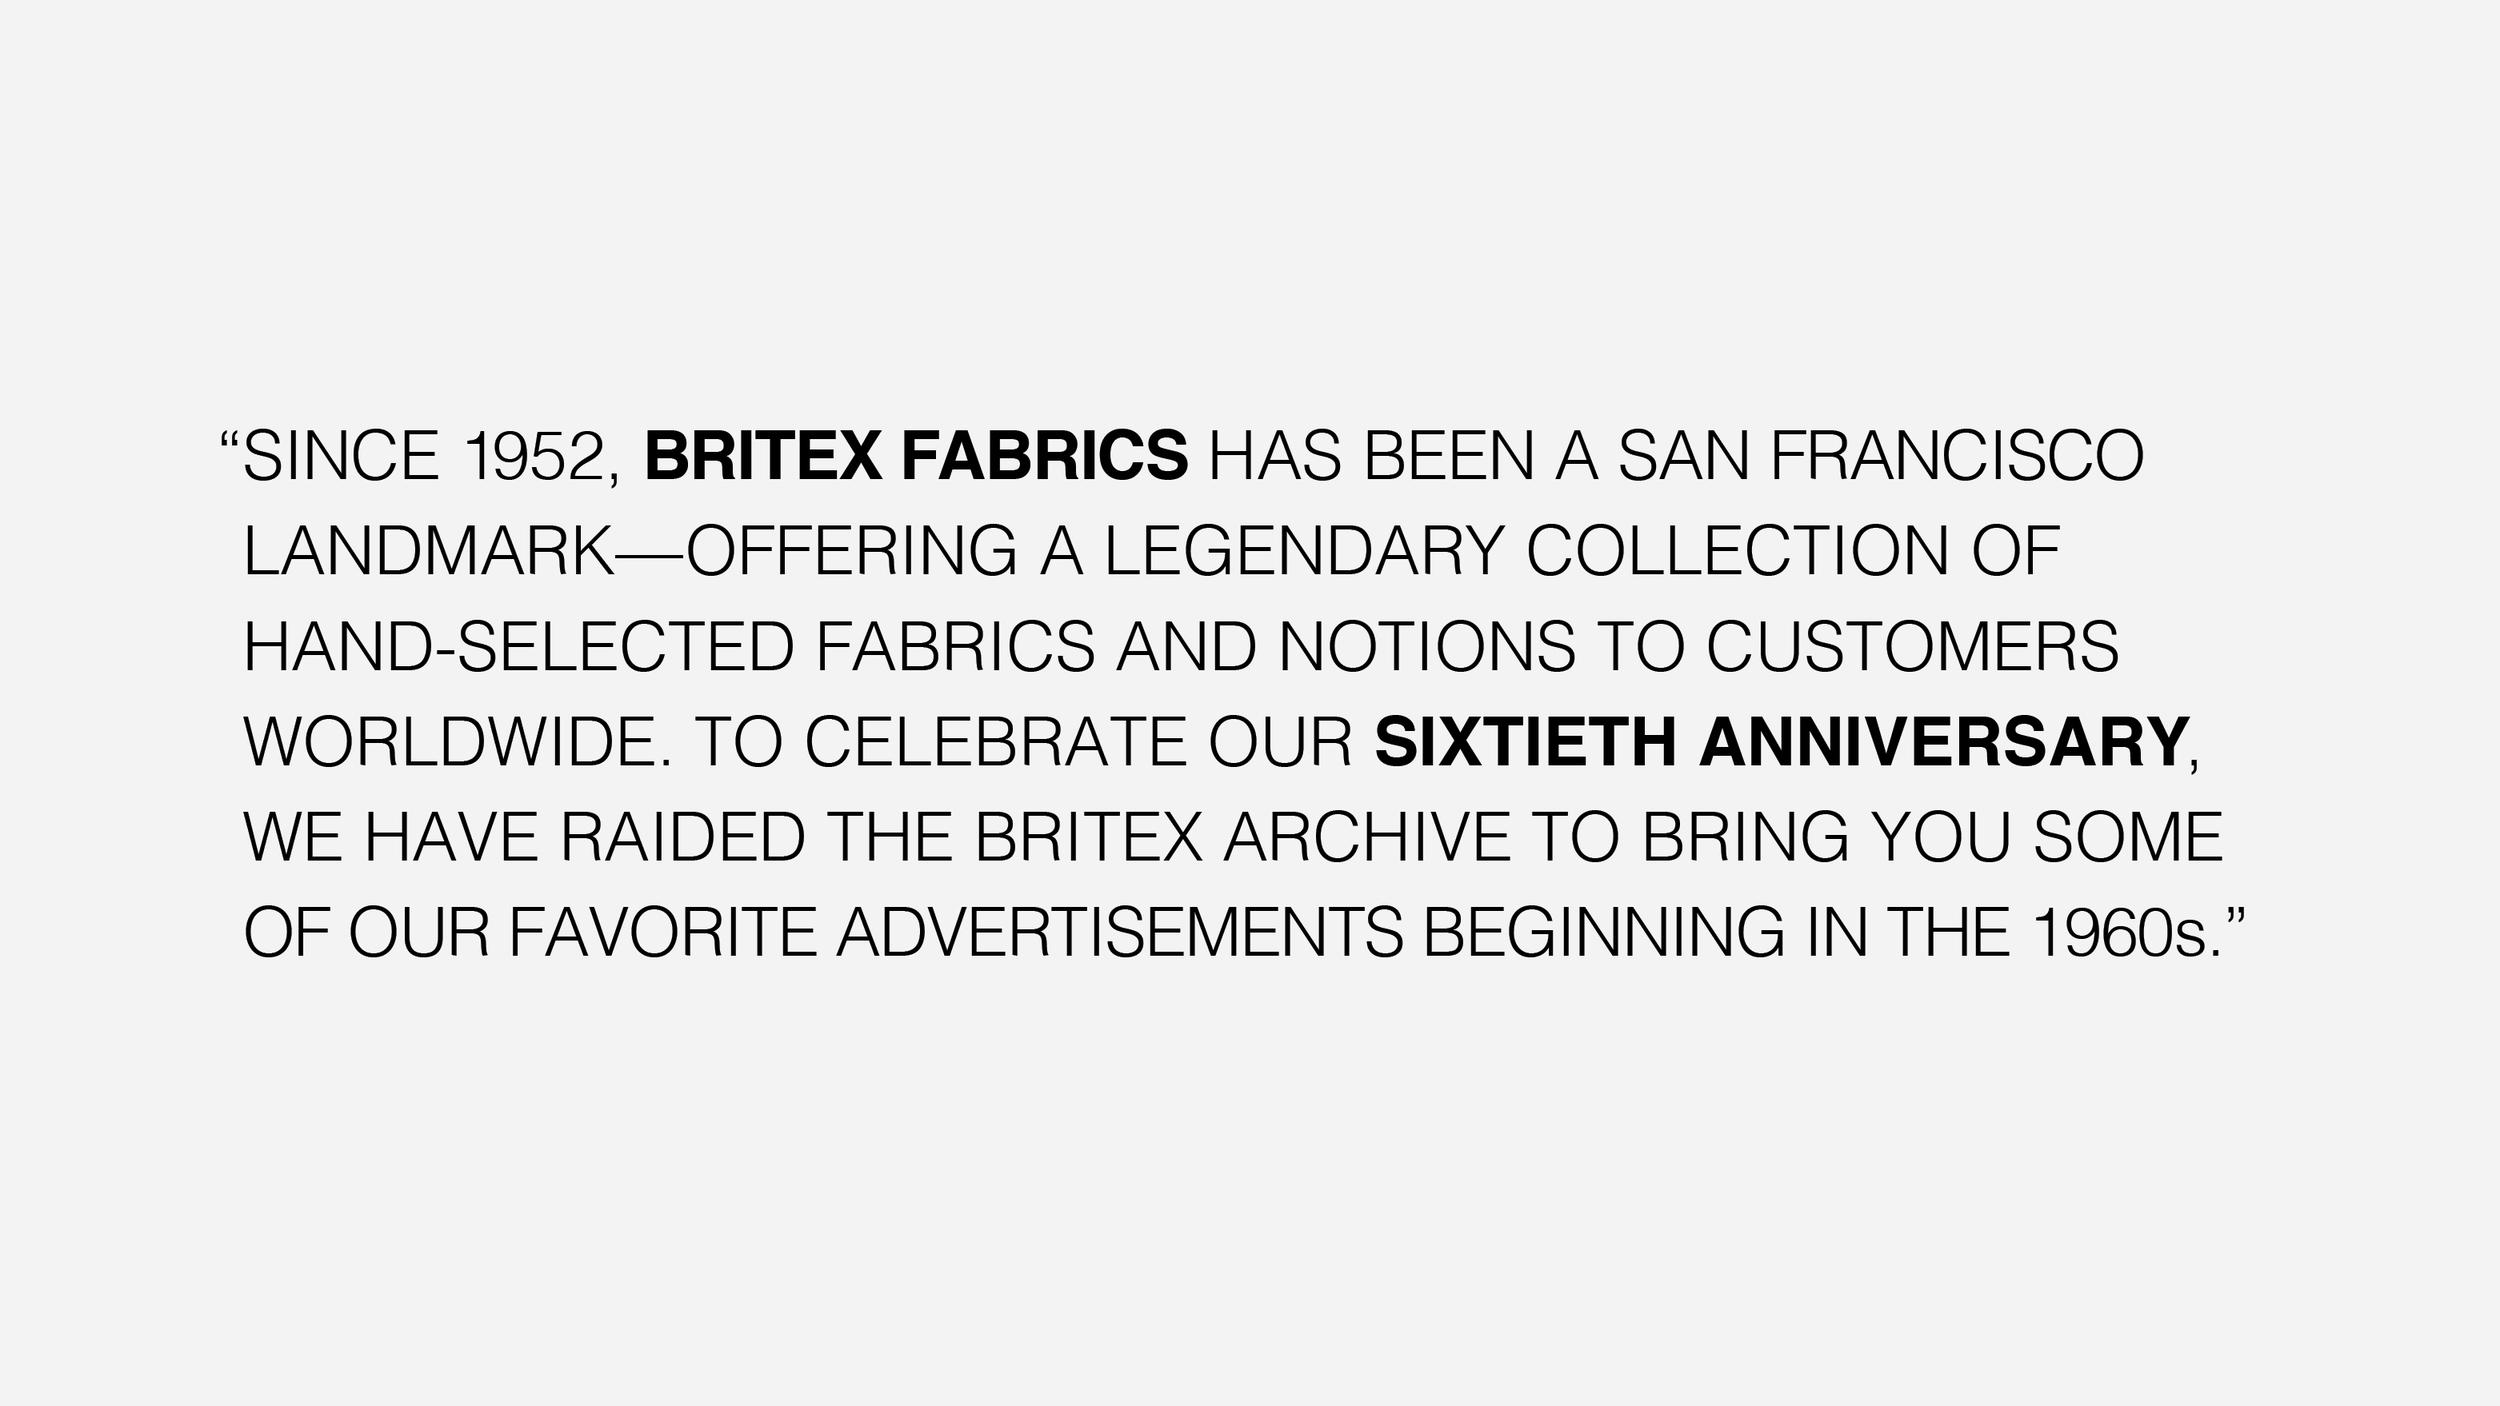 HB_STUDIO_BritexFabrics3.jpg